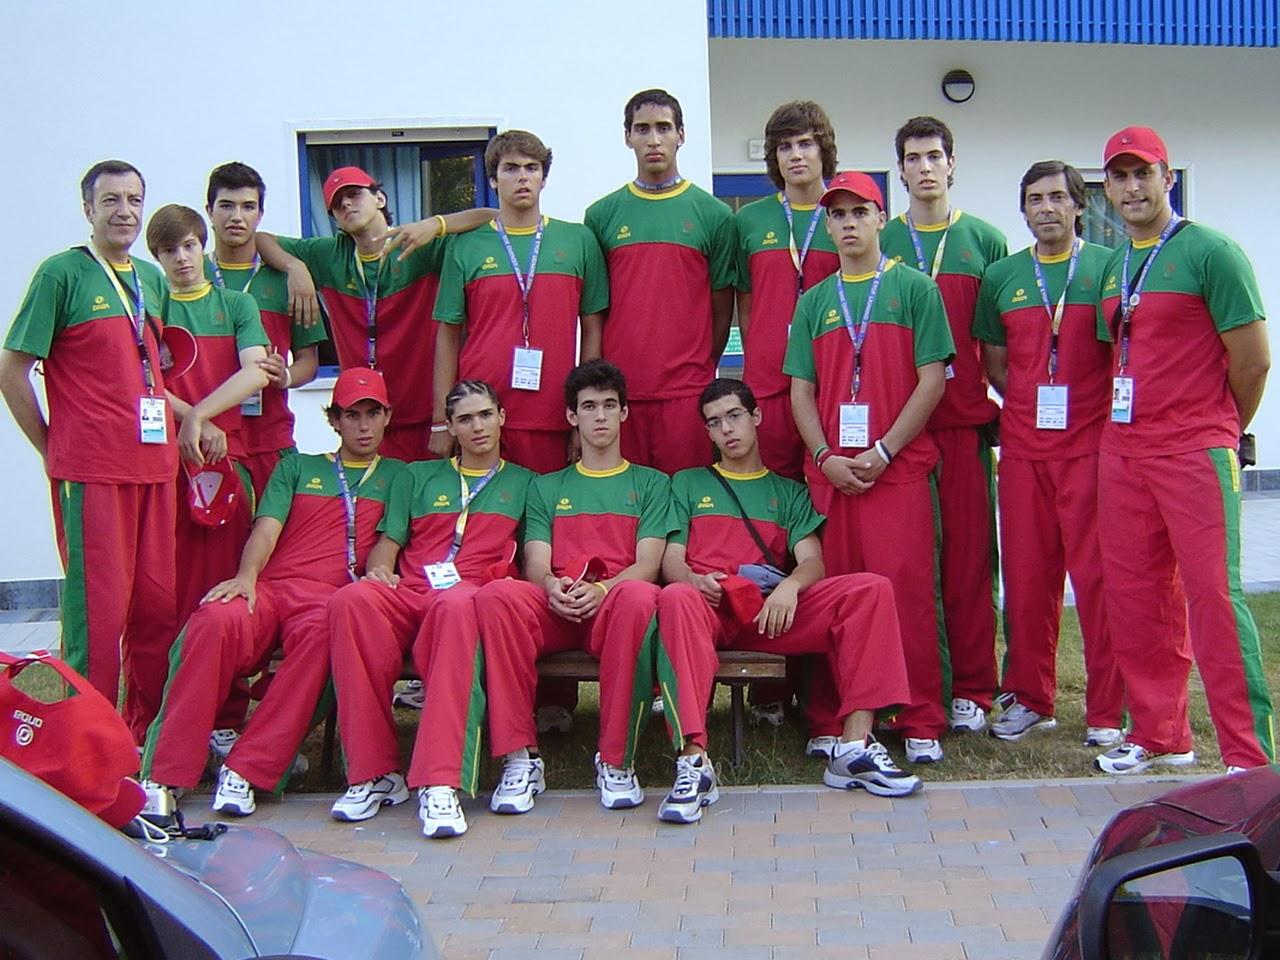 FPB: Selecção Nacional Sub-16 - F.O.J.E. 2005